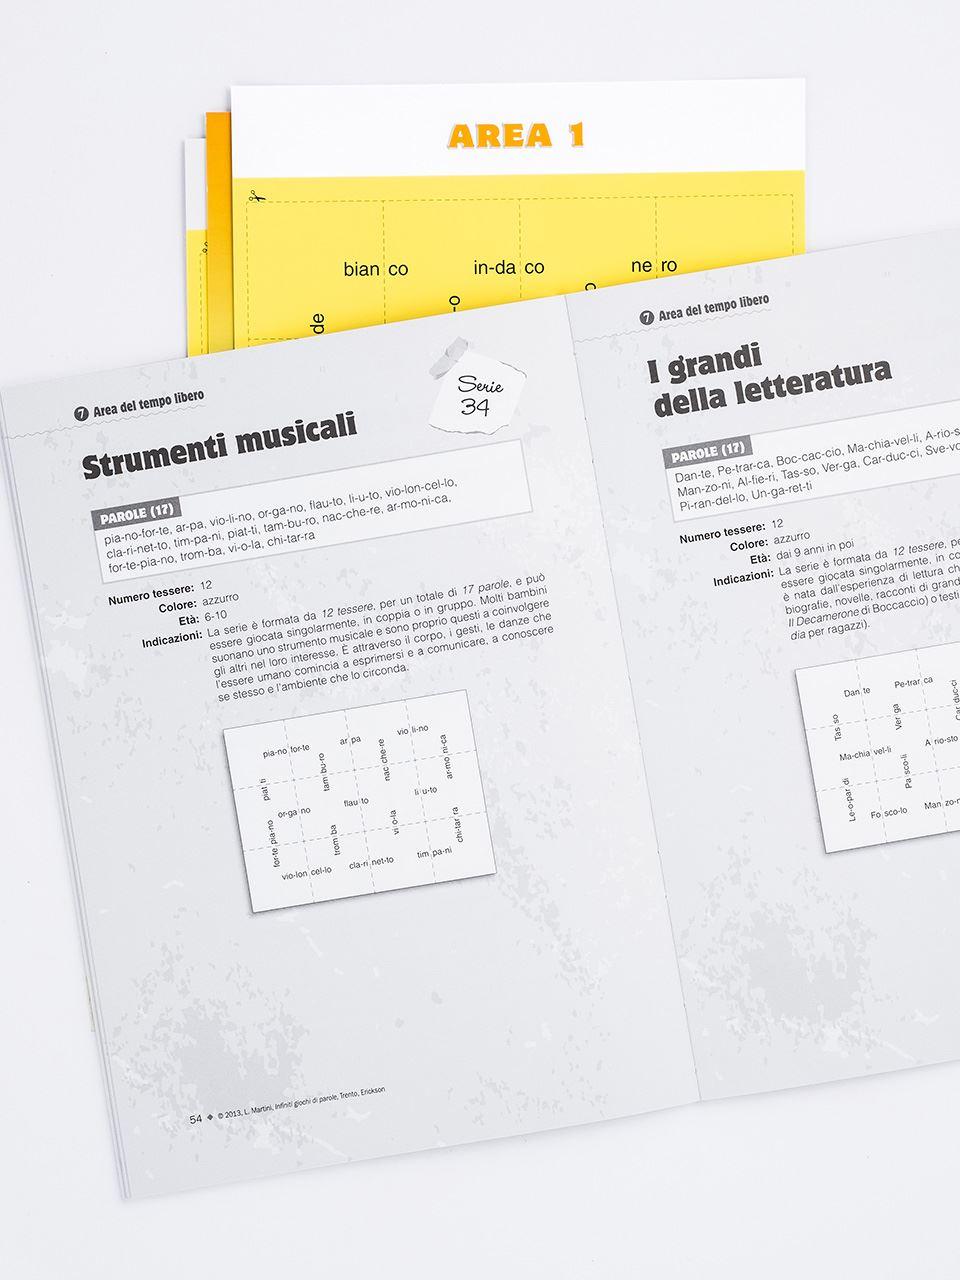 Infiniti giochi di parole - Libri - App e software - Erickson 2